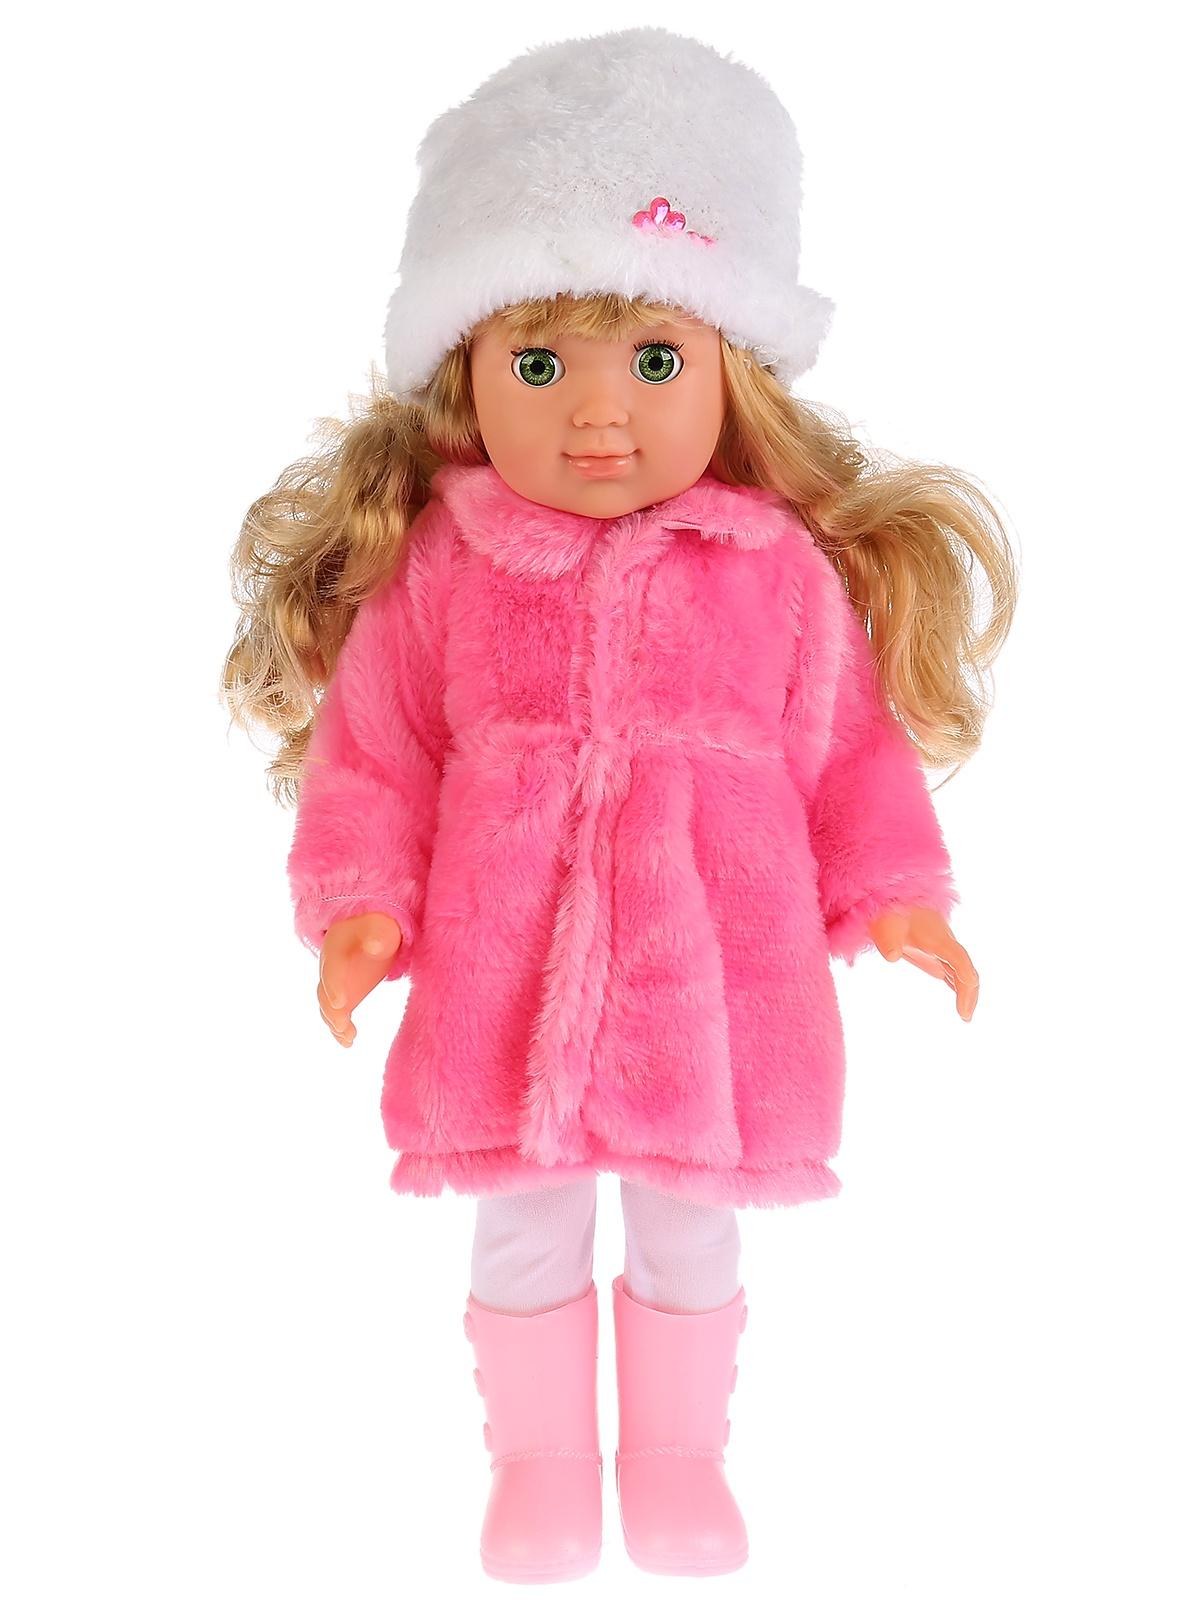 фото кукла ульяна картинка полиодонтия человека